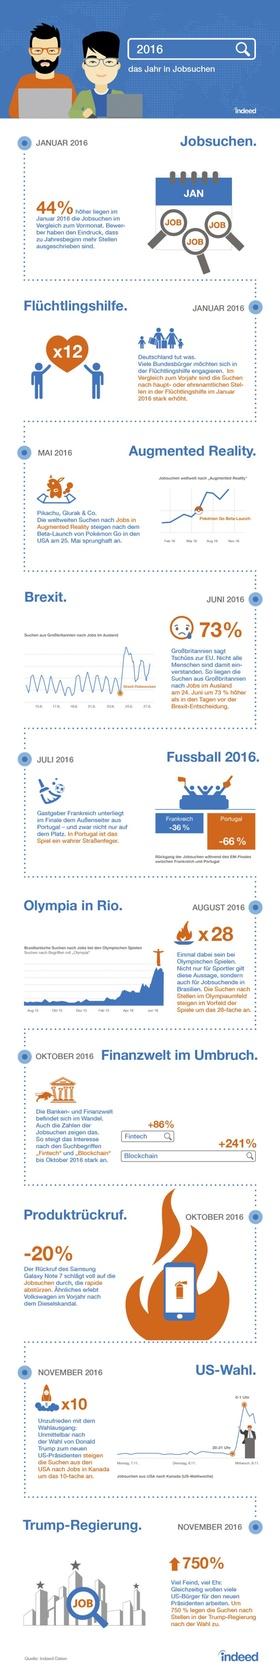 Jobsuchen-Trends 2016